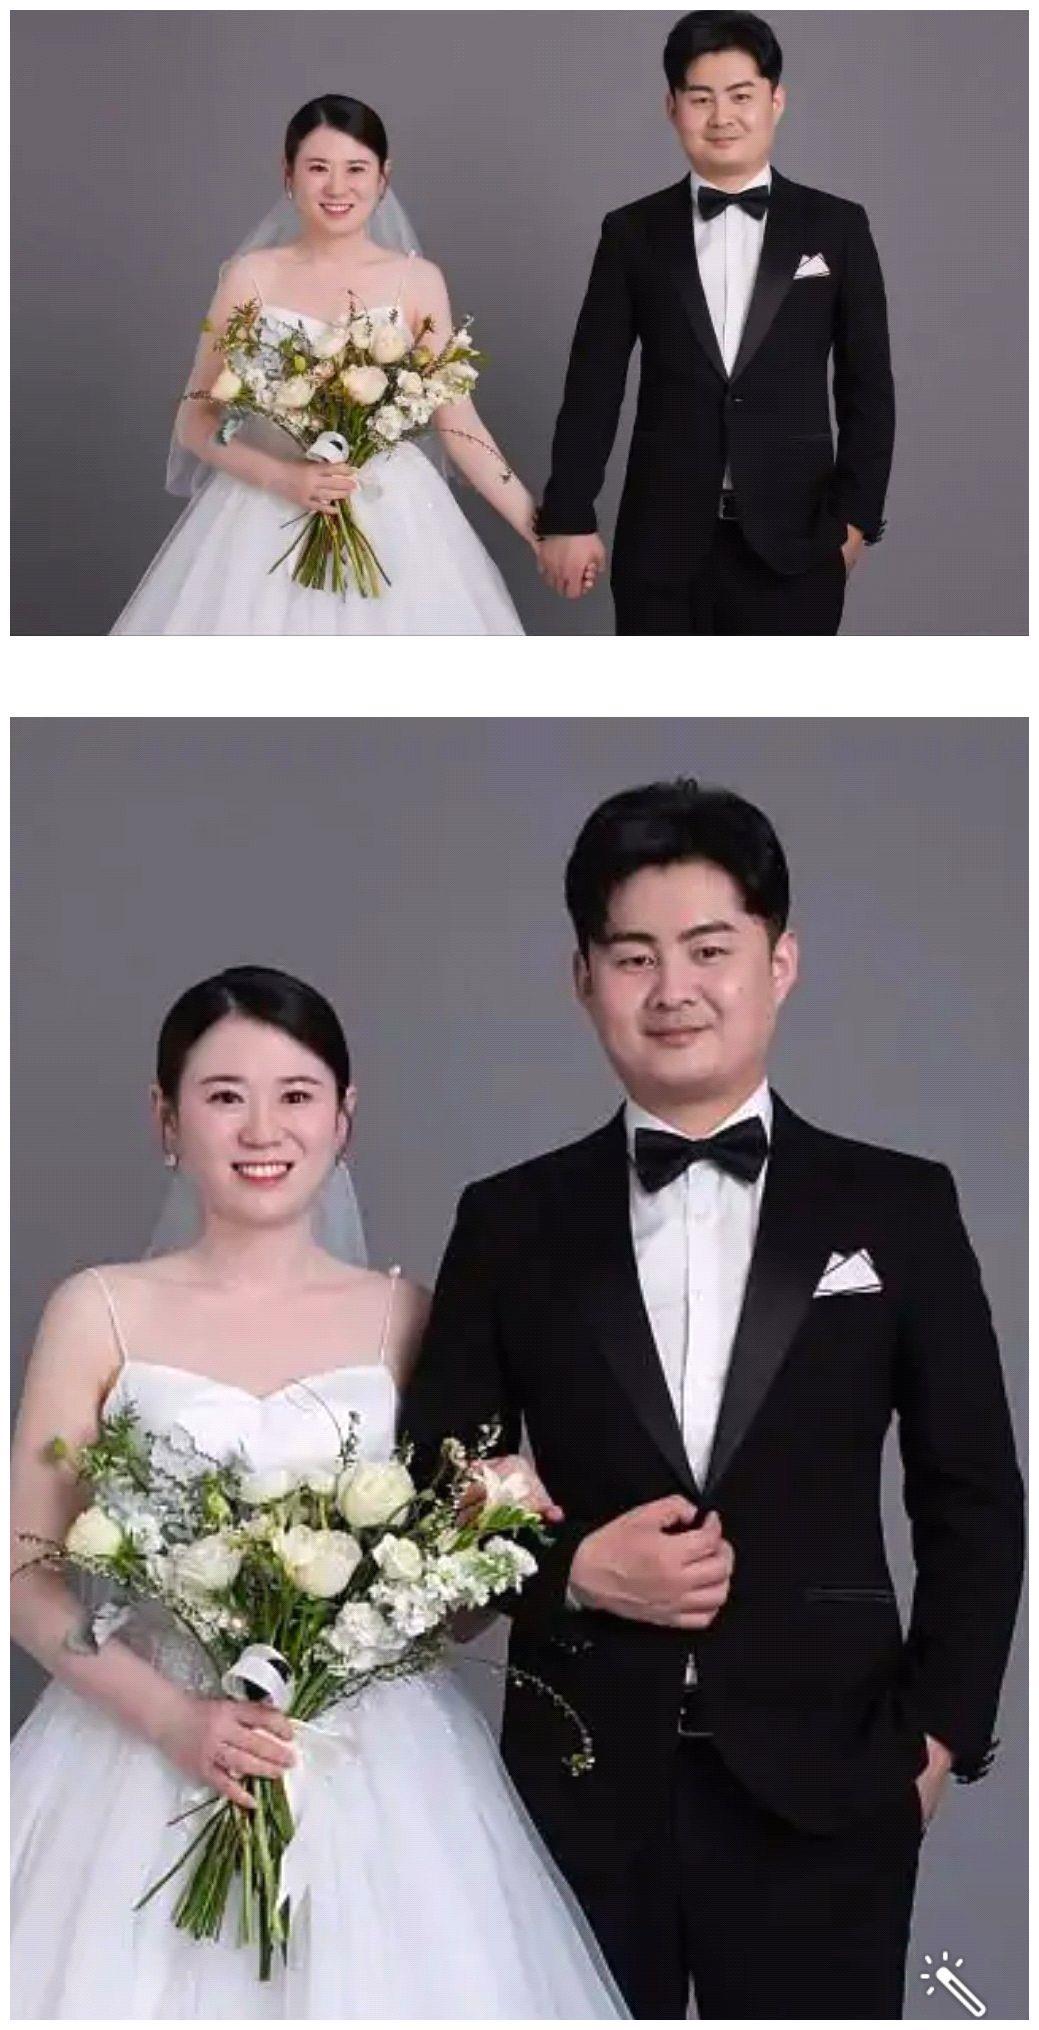 岳云鹏侄子结婚,李筱奎正式官宣,德云社全员送祝福